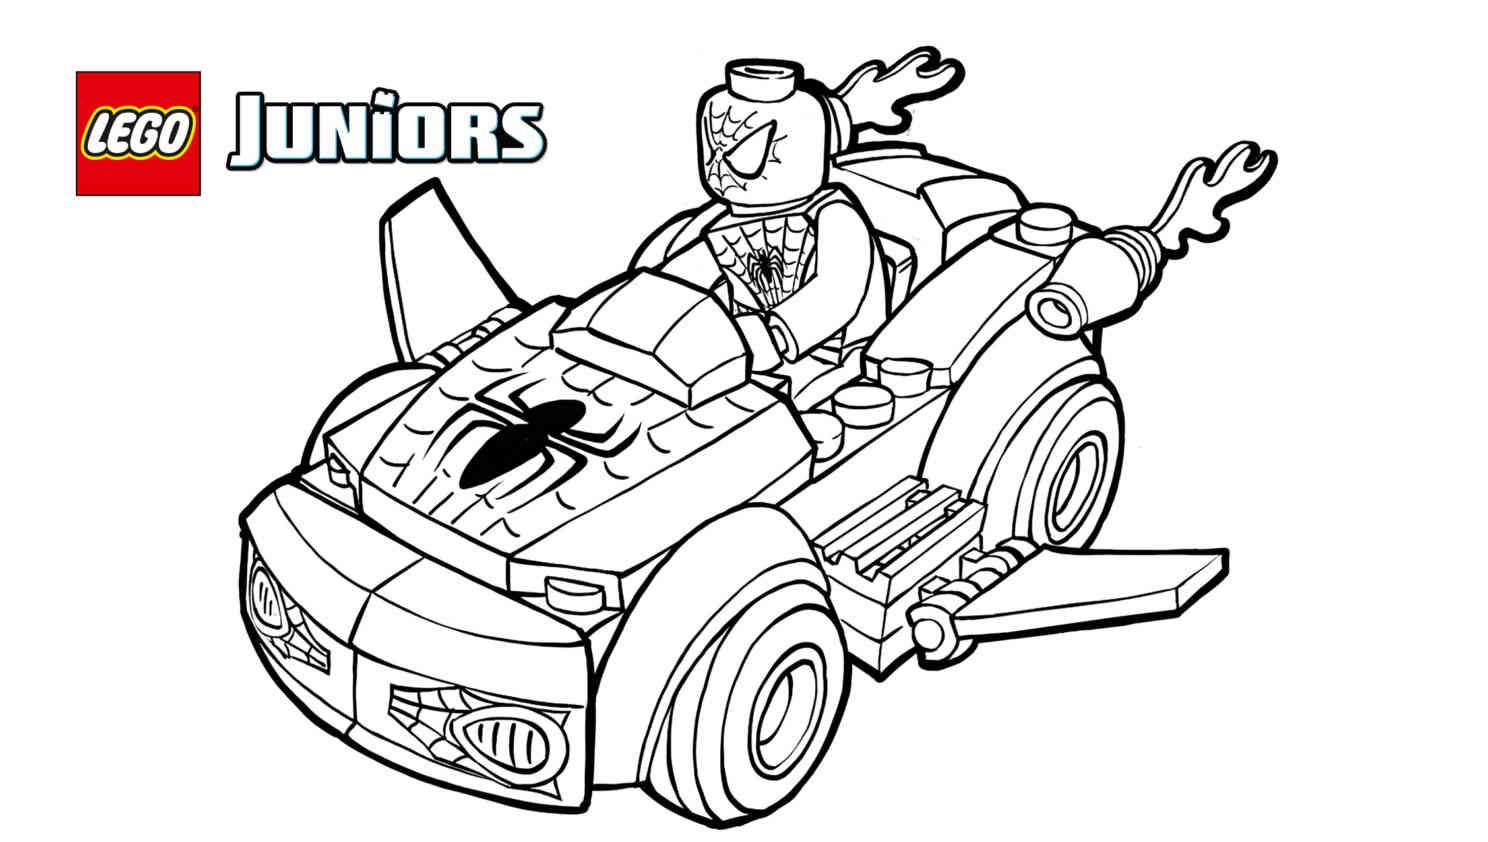 Lego Spiderman Coloring Pages Lego Para Colorir Desenhos Para